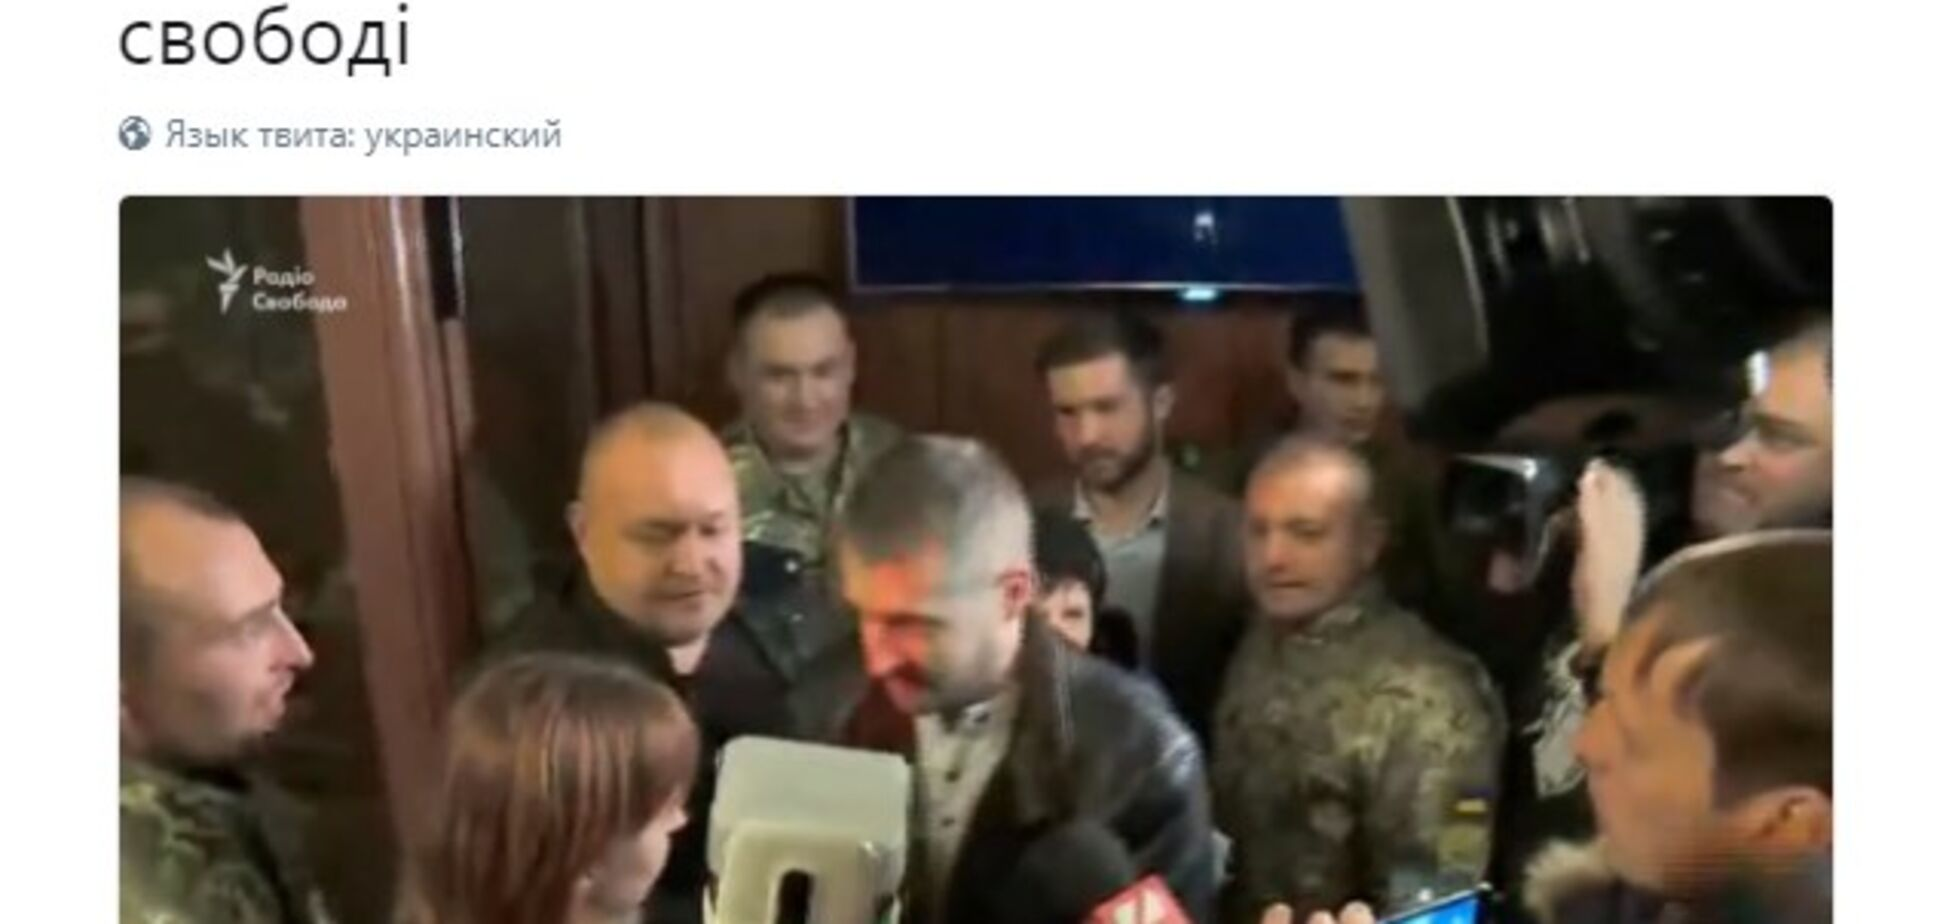 'Три года в СИЗО за выполнение долга': реакция соцсетей на освобождение Колмогорова